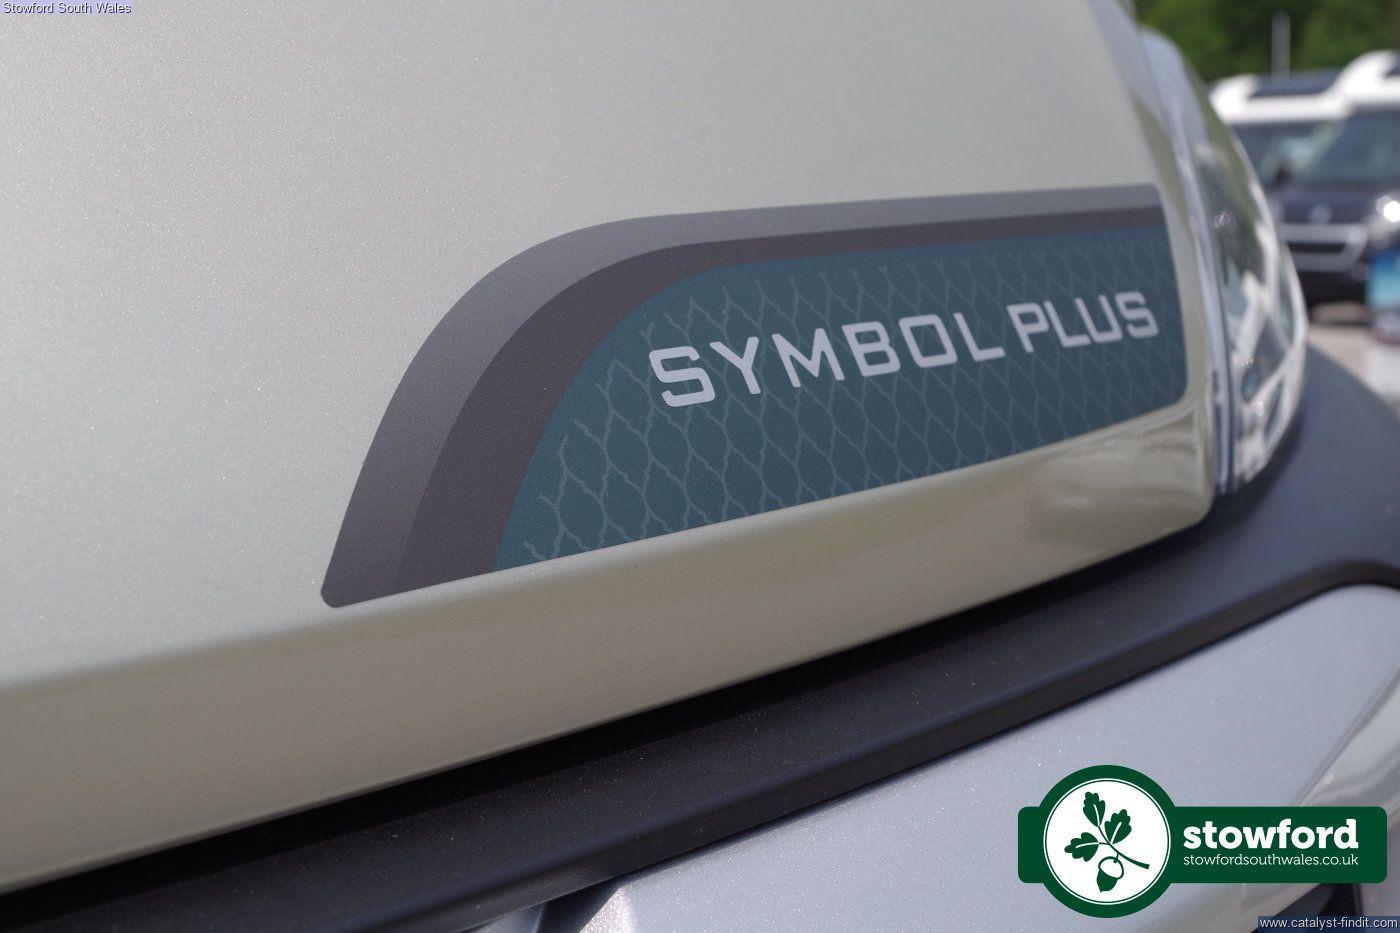 Auto-Sleepers Auto-Sleeper Symbol Plus 2019